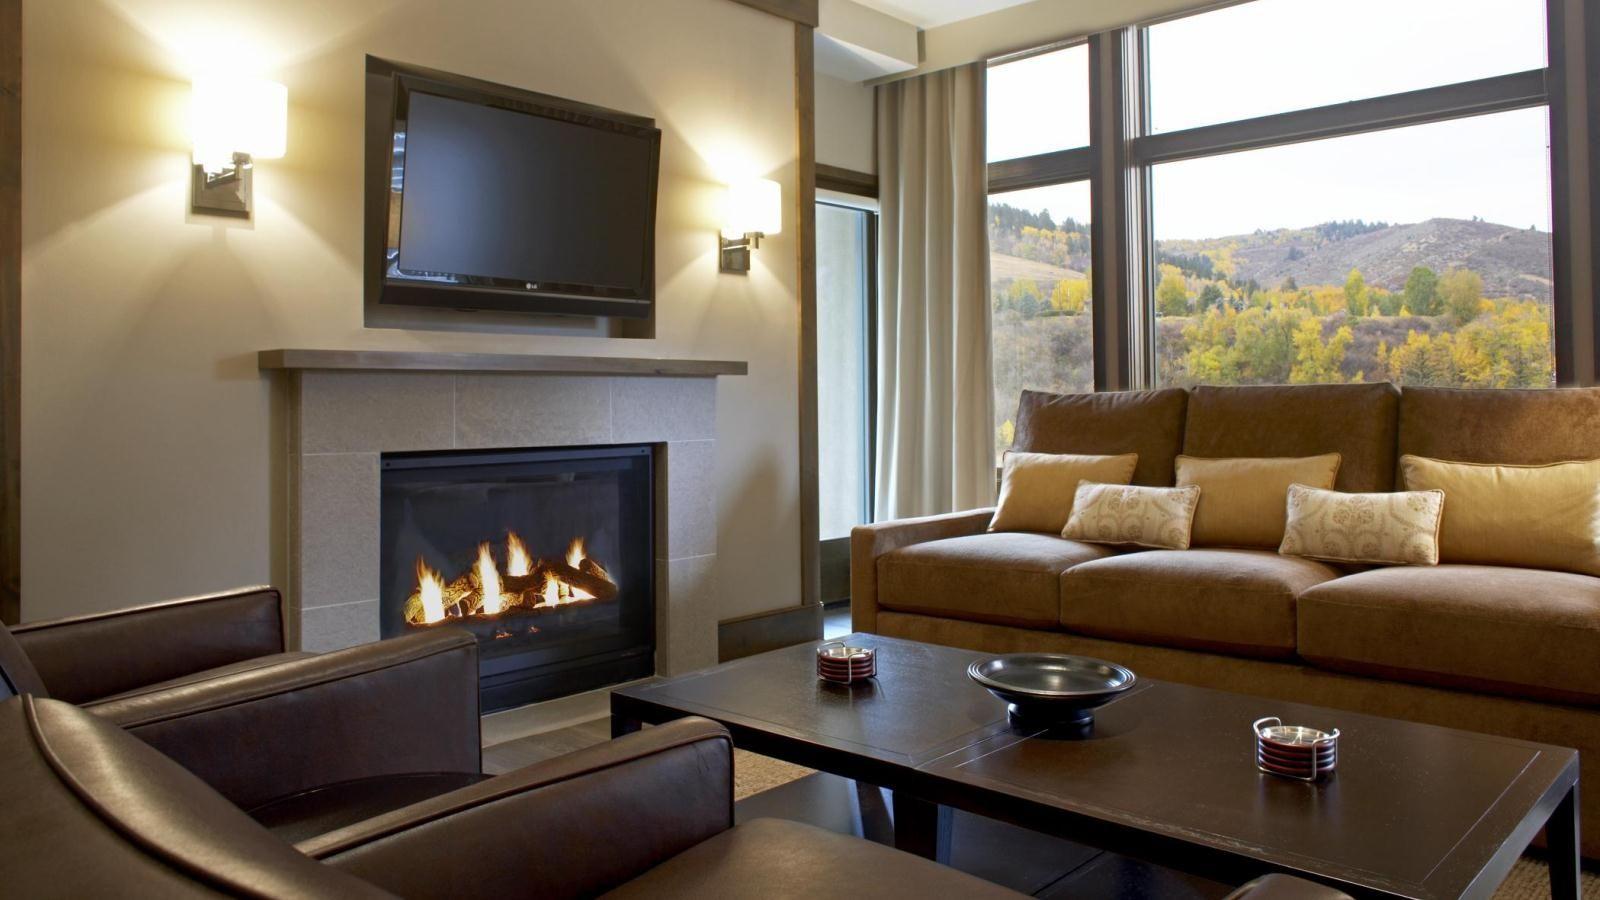 Zeitgenössische Wohnzimmer Design TV Wand Dekoration Stil ...